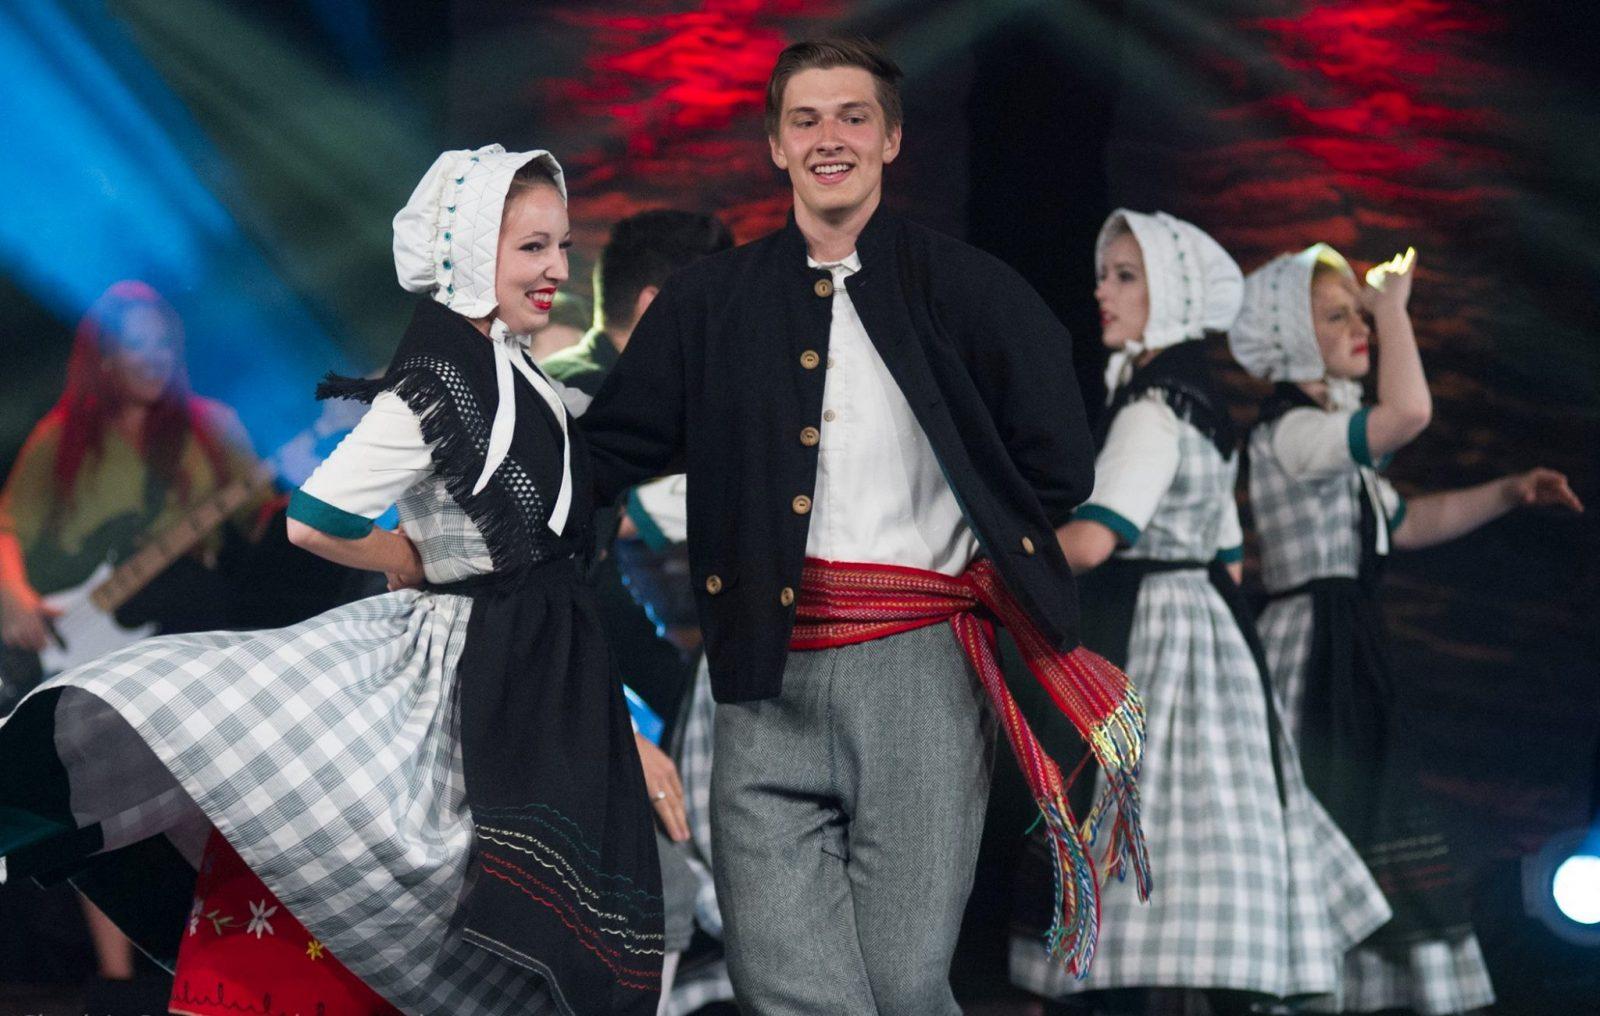 Mackinaw recherche des danseurs